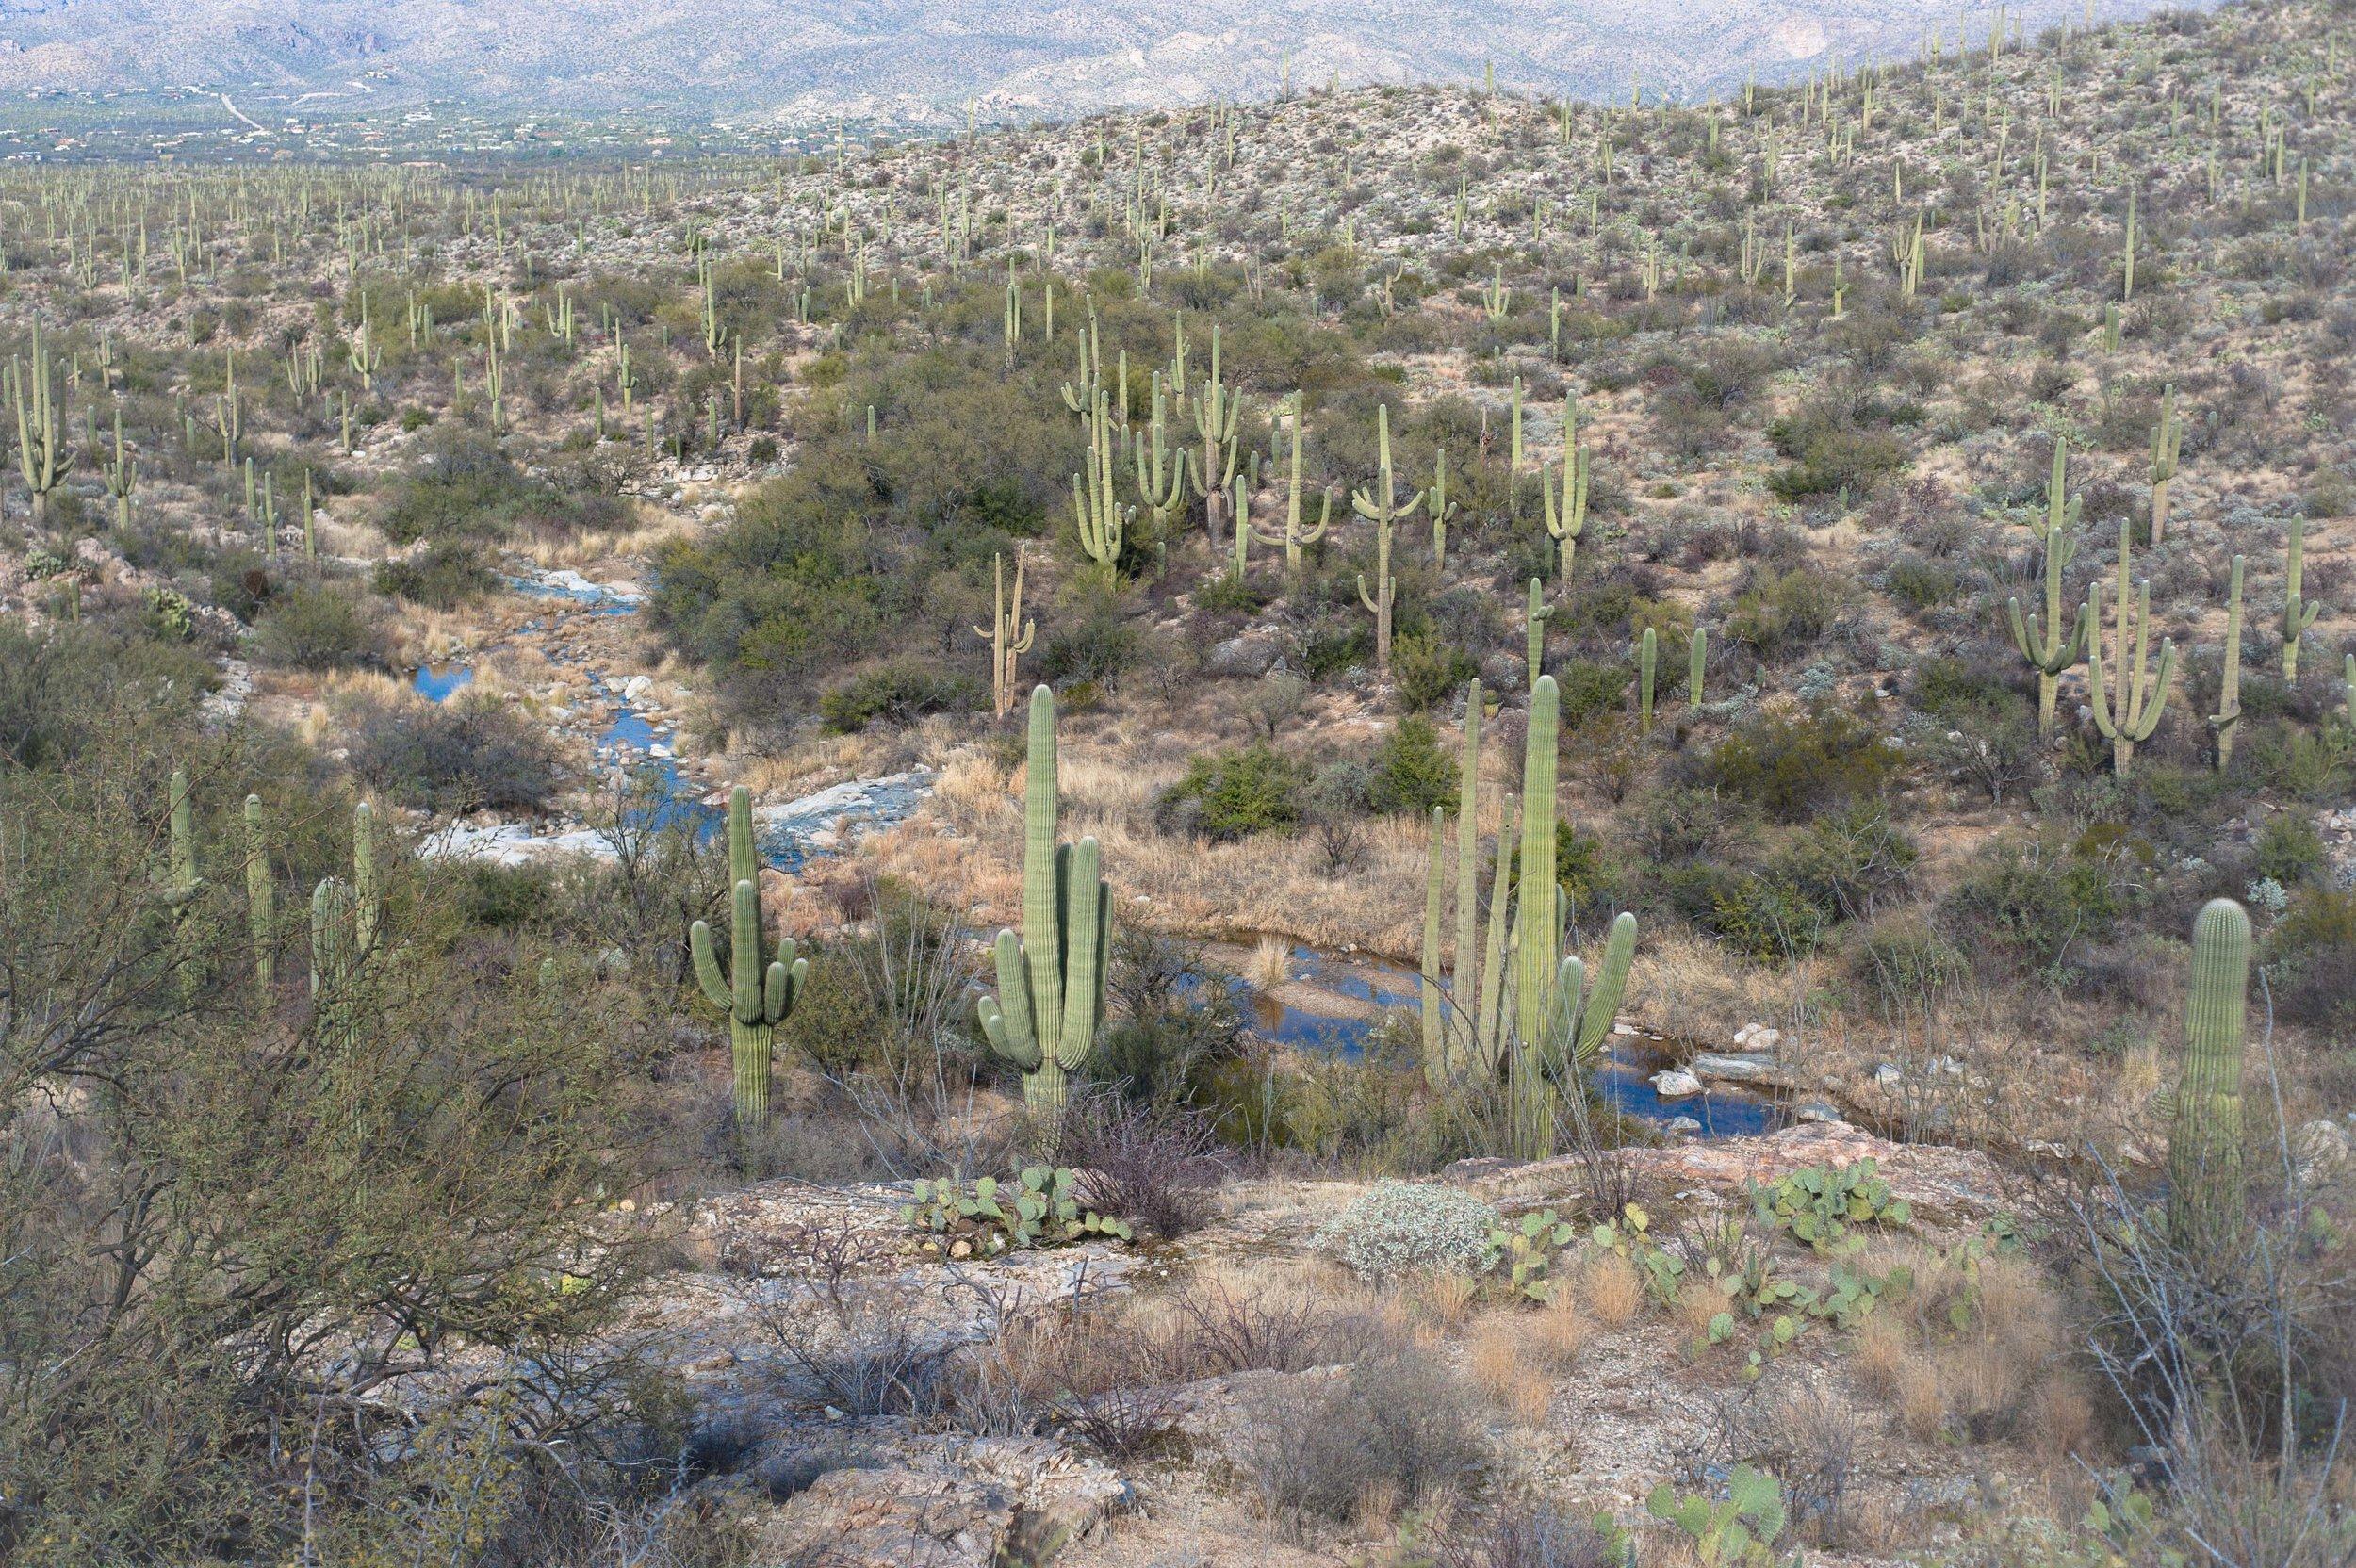 cassandra_artprints_saguaro-6.jpg